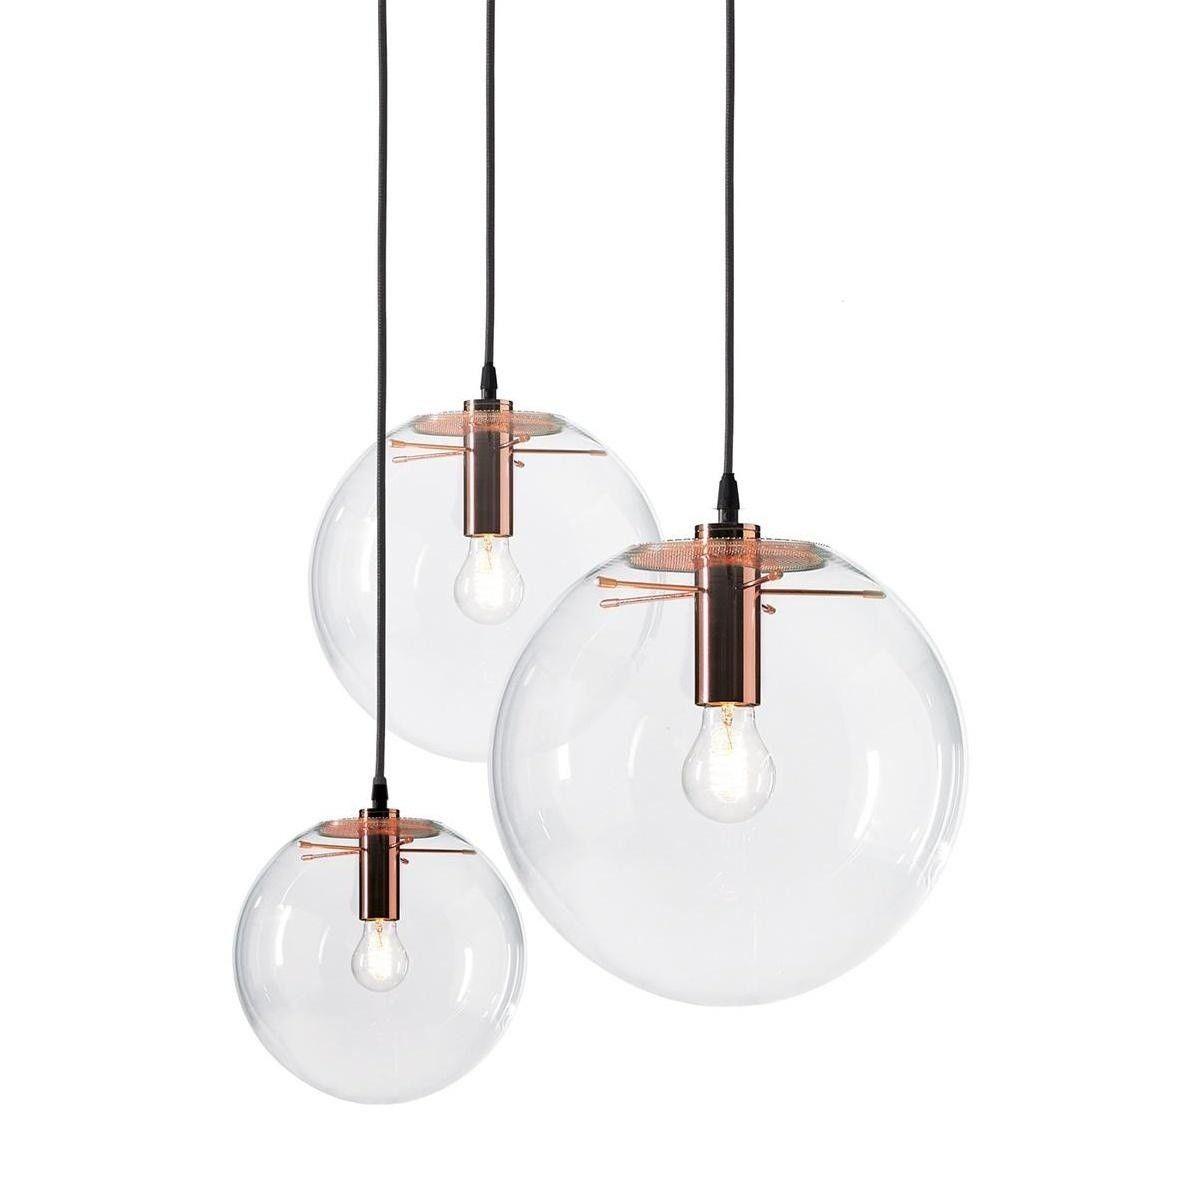 glass lighting pendants. Selene Pendant Glass Light By Sandra Lidner In Copper Replica Lighting Pendants G